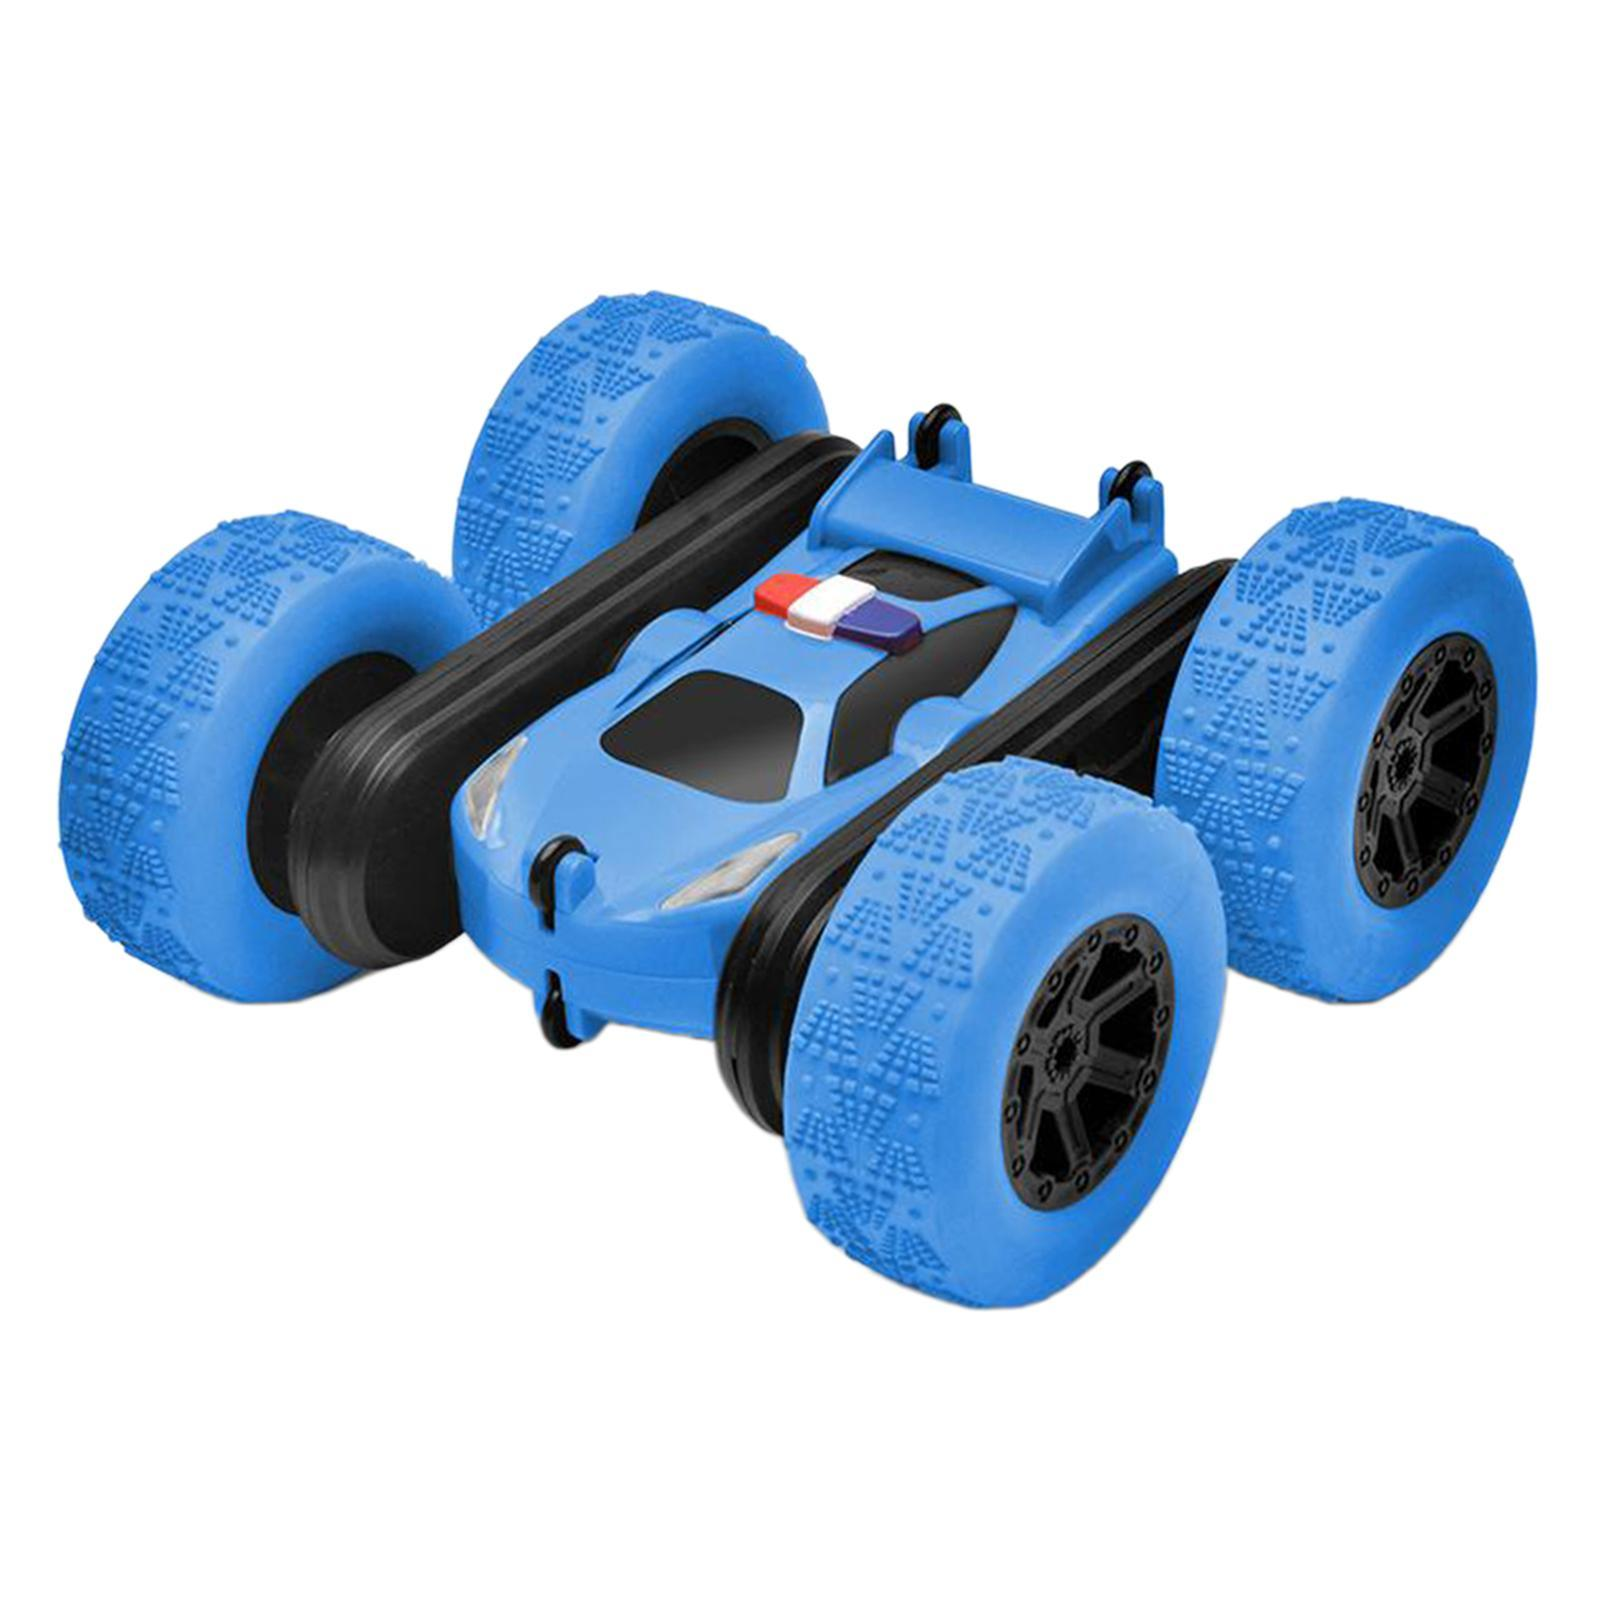 miniatura 51 - Telecomando Auto Stunt Car Giocattolo Per Bambini 2.4GHz di Controllo Remoto